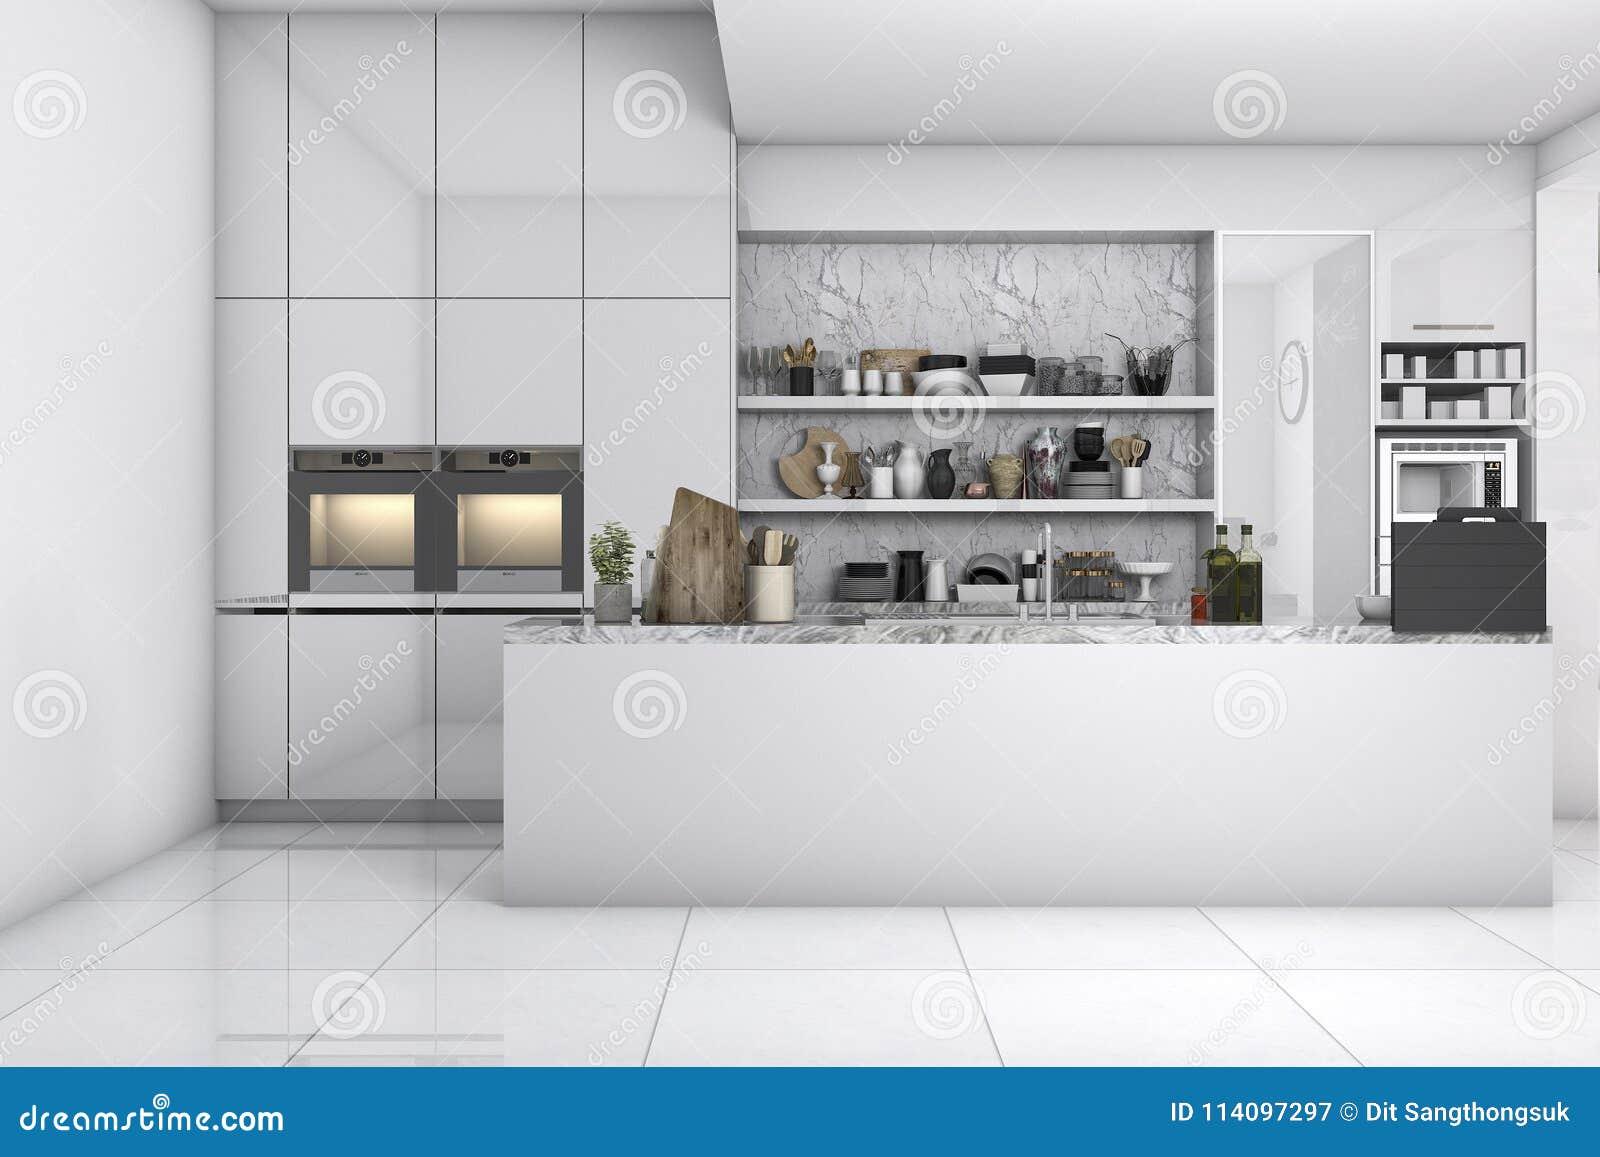 Fantástico Diseño Libre De La Cocina 3d Componente - Ideas de ...